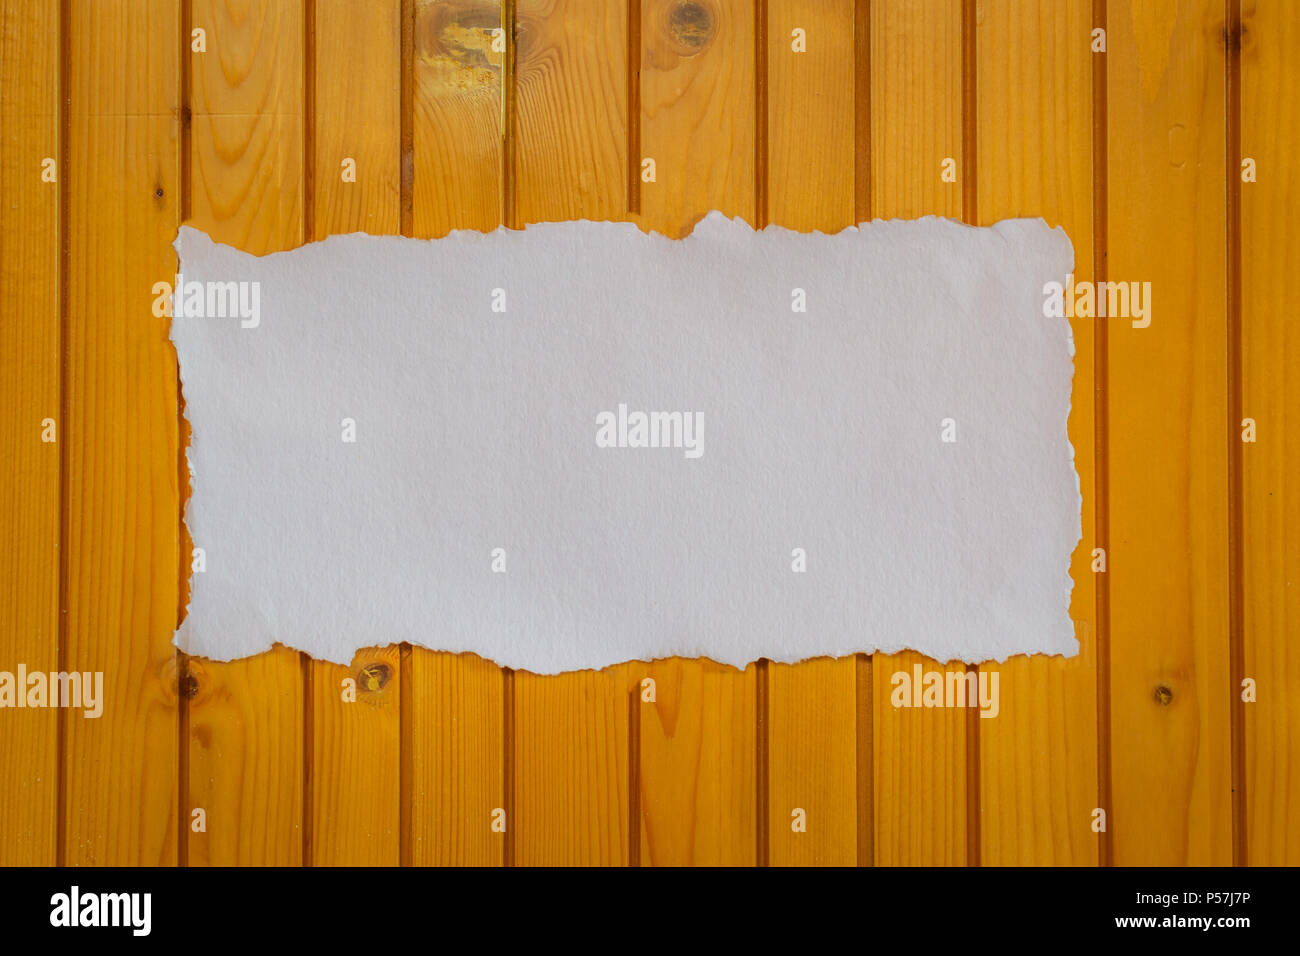 Feuille de papier blanc sur un fond de panneaux de bois de l'amour notes et cartes d'invitation Photo Stock